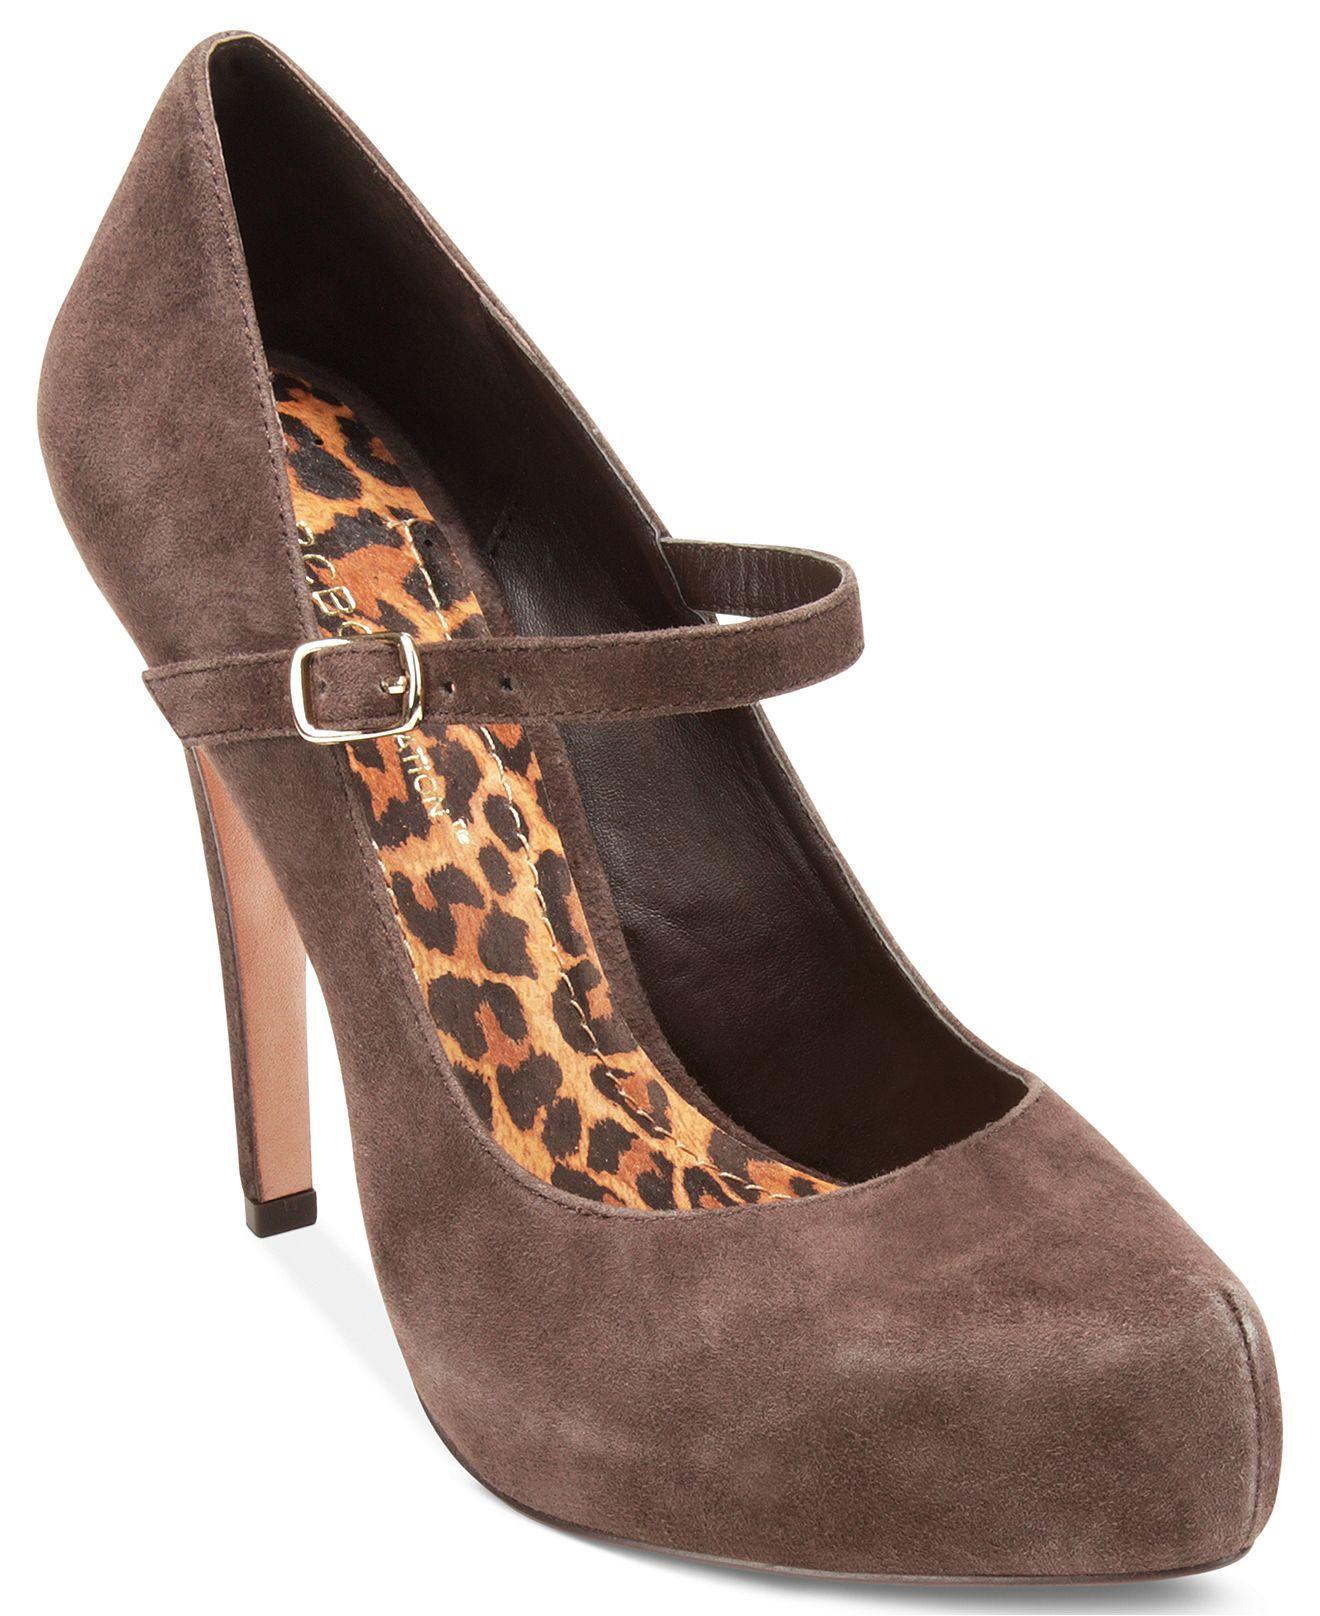 BCBGeneration Shoes, Paulie Platform Pumps - Pumps - Shoes - Macy's